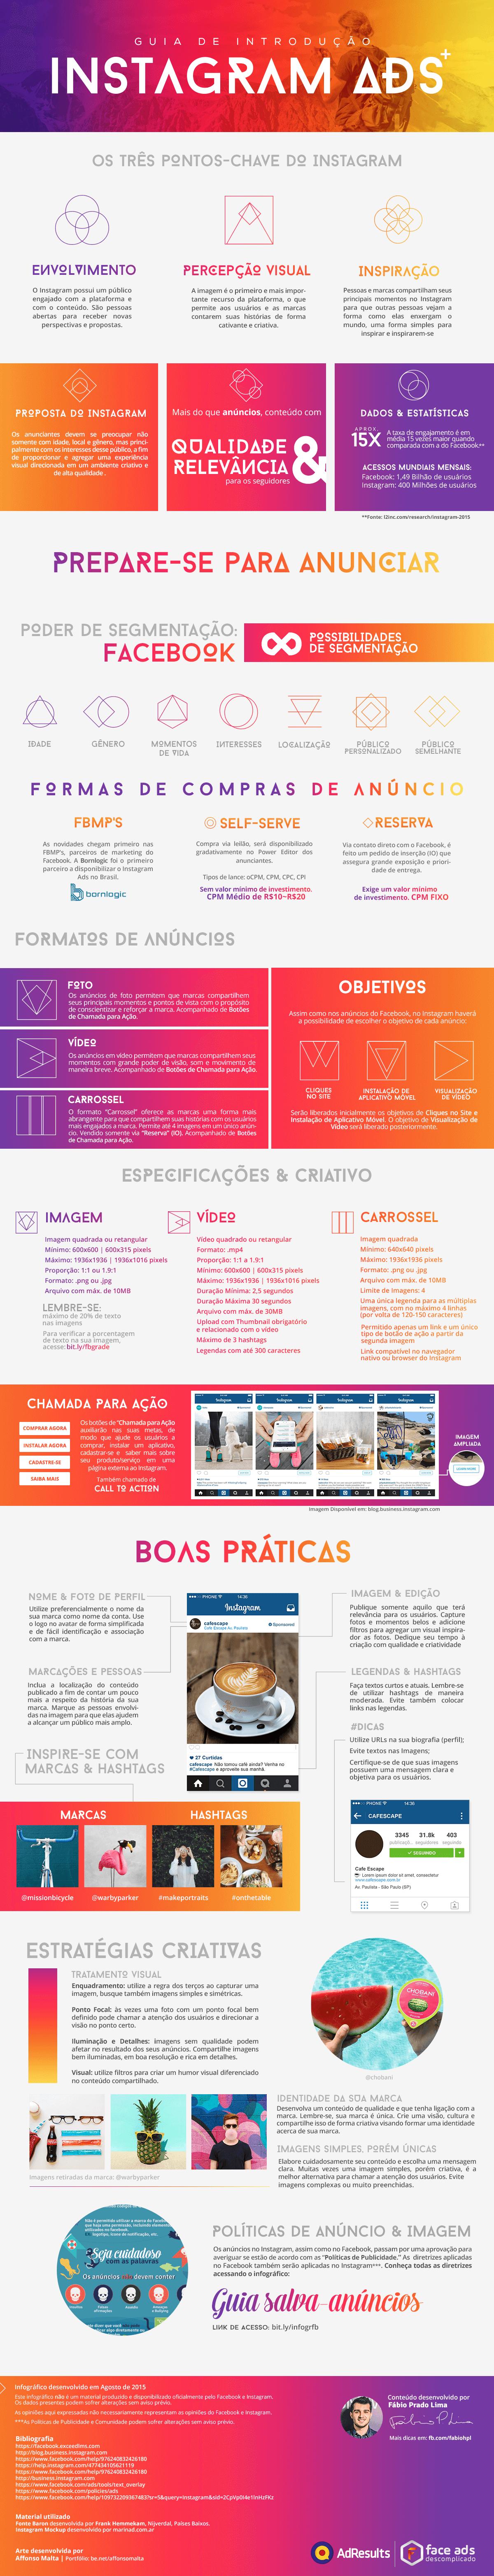 Infográfico: Instagram Ads (Anúncios no Instagram) – Como Anunciar e Dicas